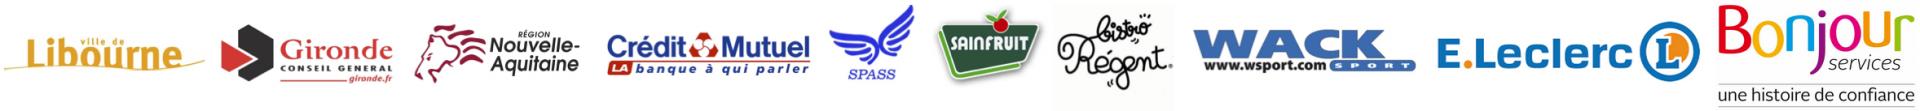 190222 logos2